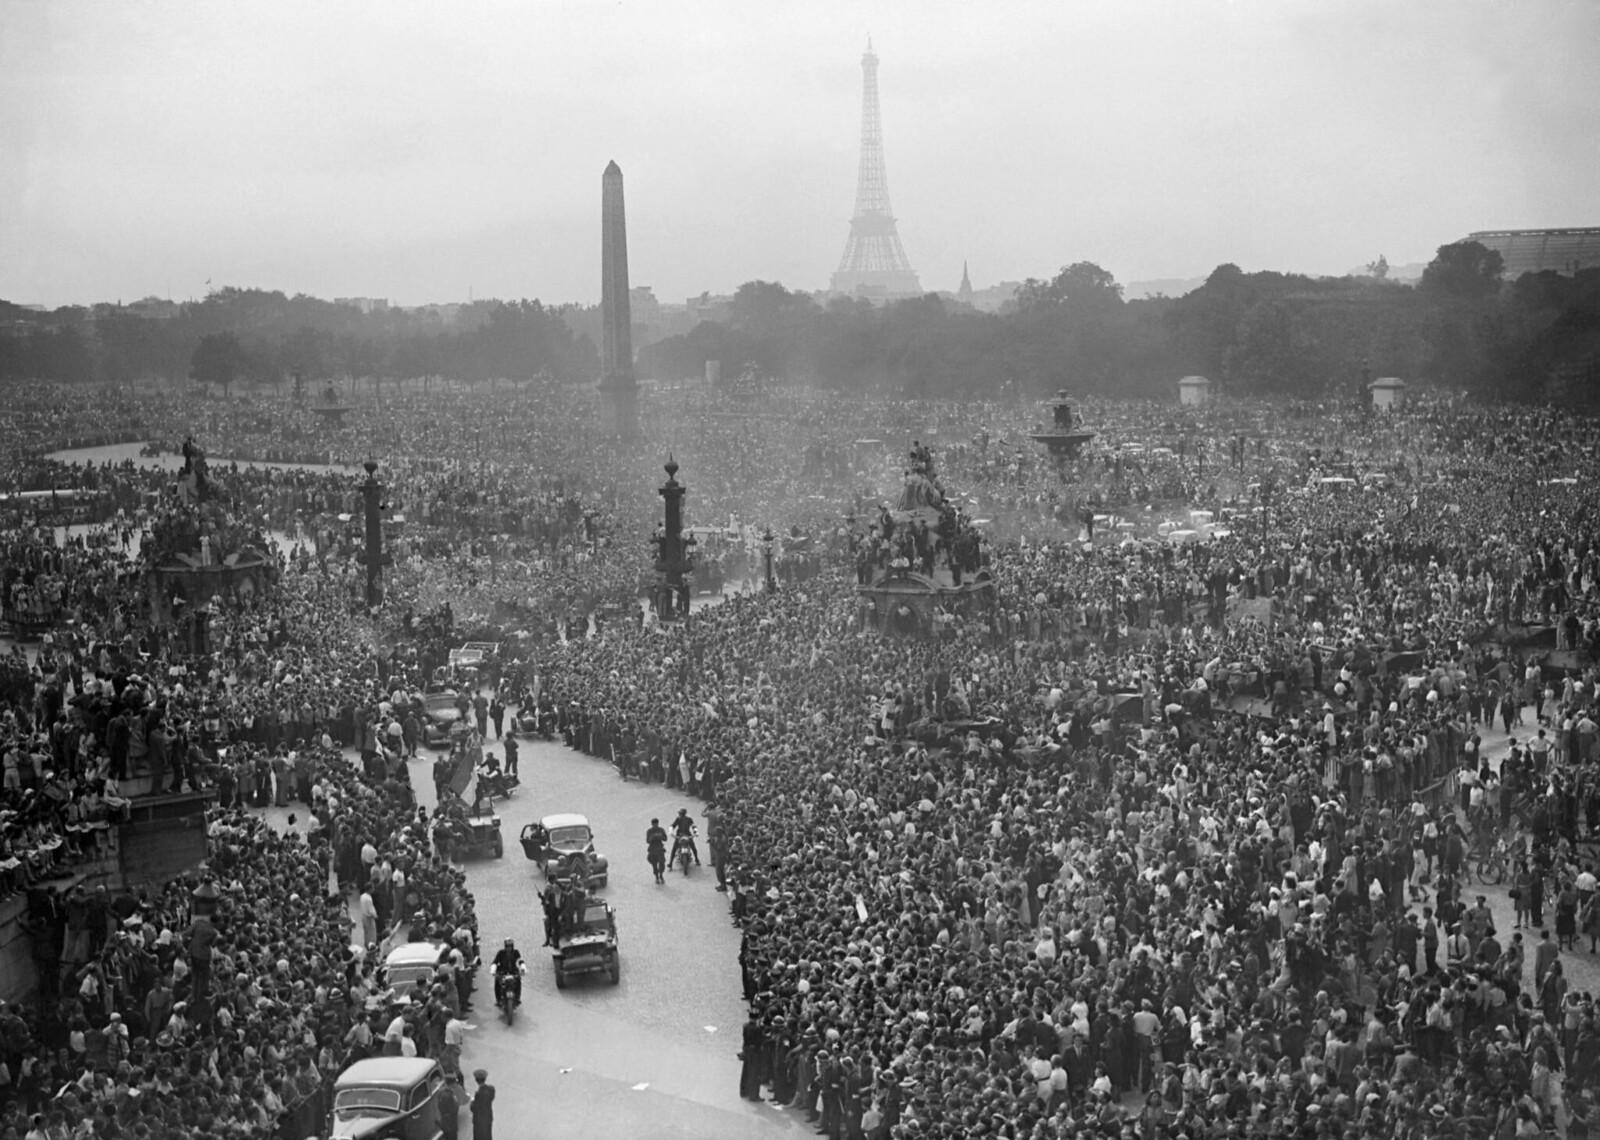 1944. 26 августа. Толпа собралась, чтобы приветствовать 2-ю французскую бронетанковую дивизию и войска союзников на площади Согласия на следующий день после освобождения Парижа